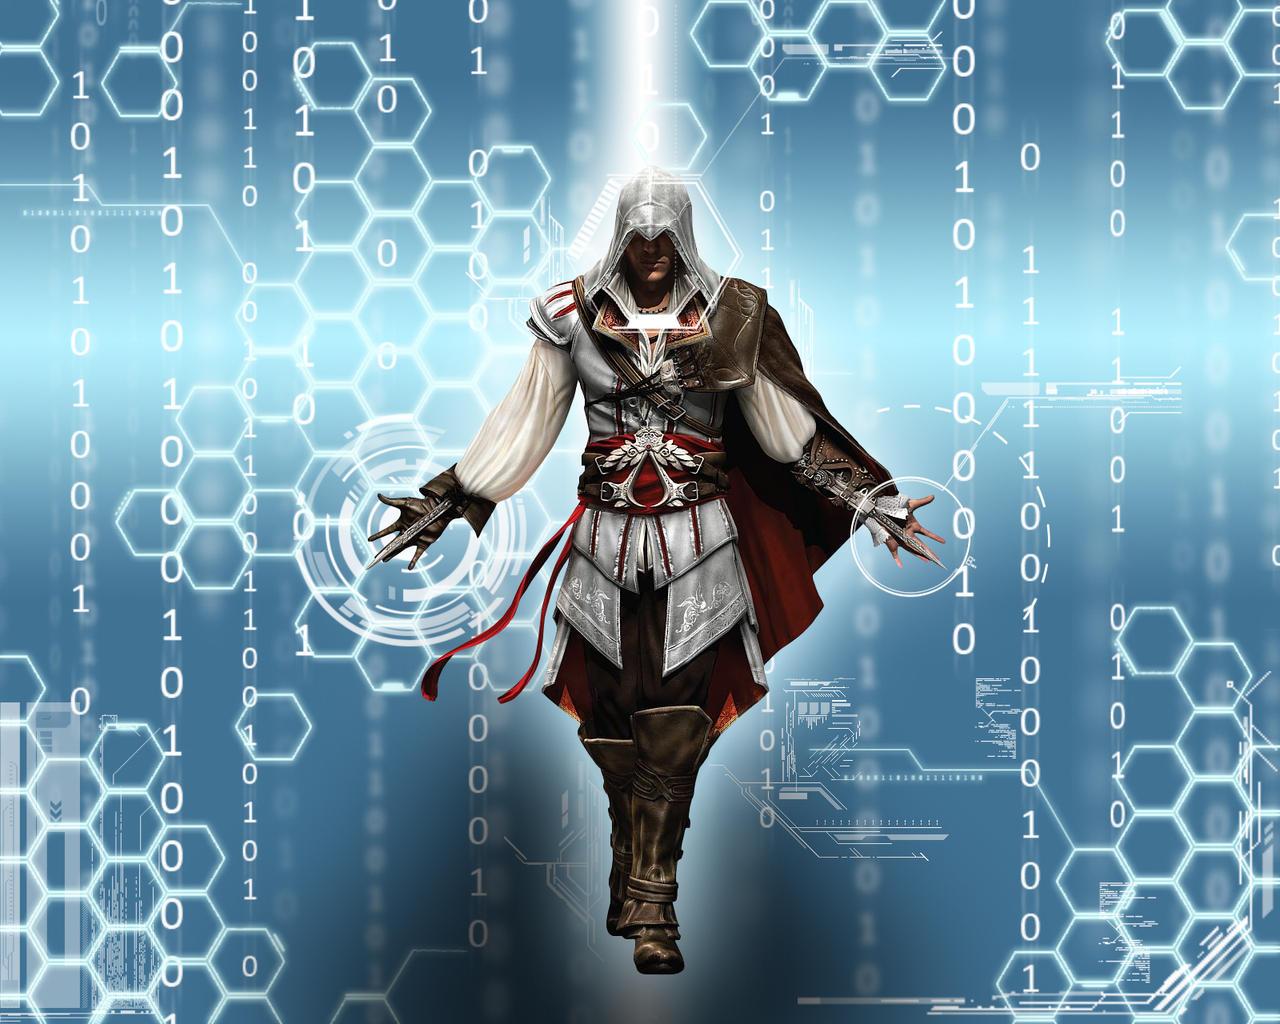 http://fc00.deviantart.net/fs42/i/2009/130/1/4/Assassins_Creed_2_Ver4_by_Tytolis.jpg